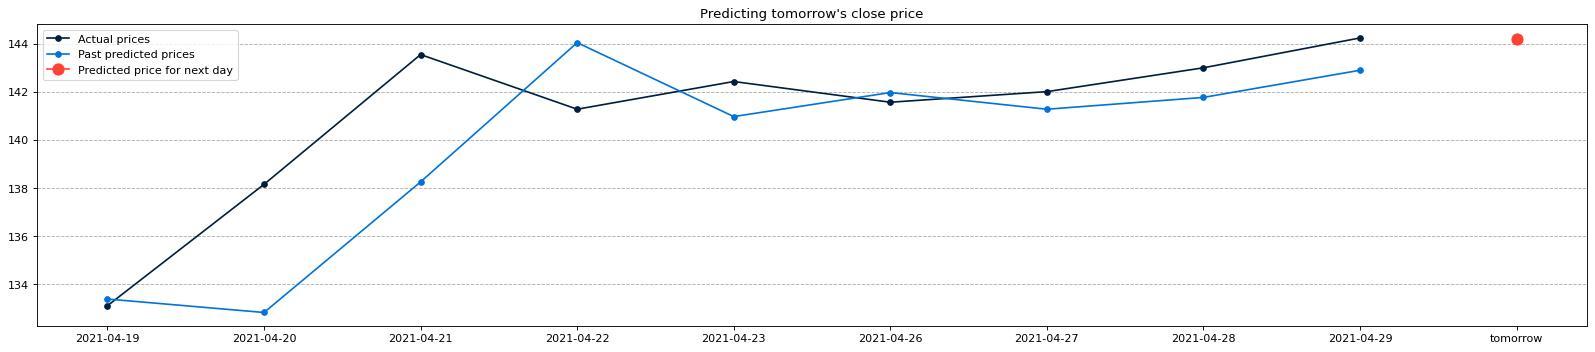 price prediction graph